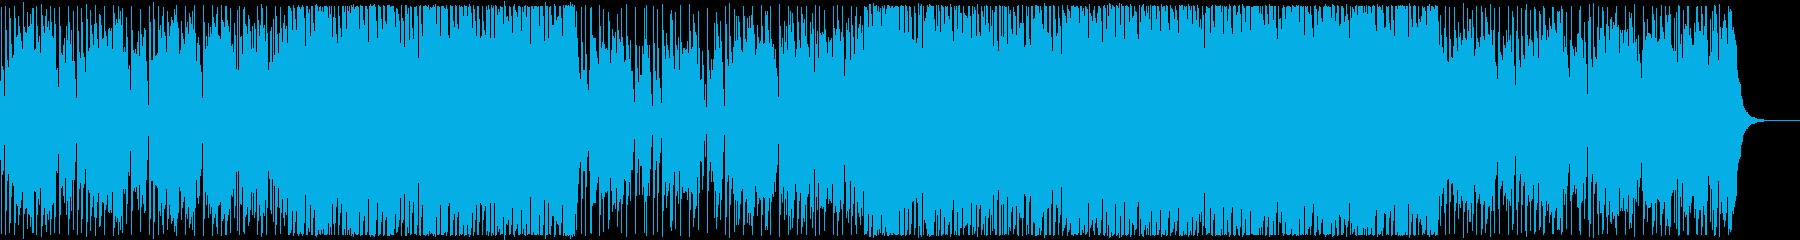 リラックス・夏のCM・女性ボーカルレゲエの再生済みの波形